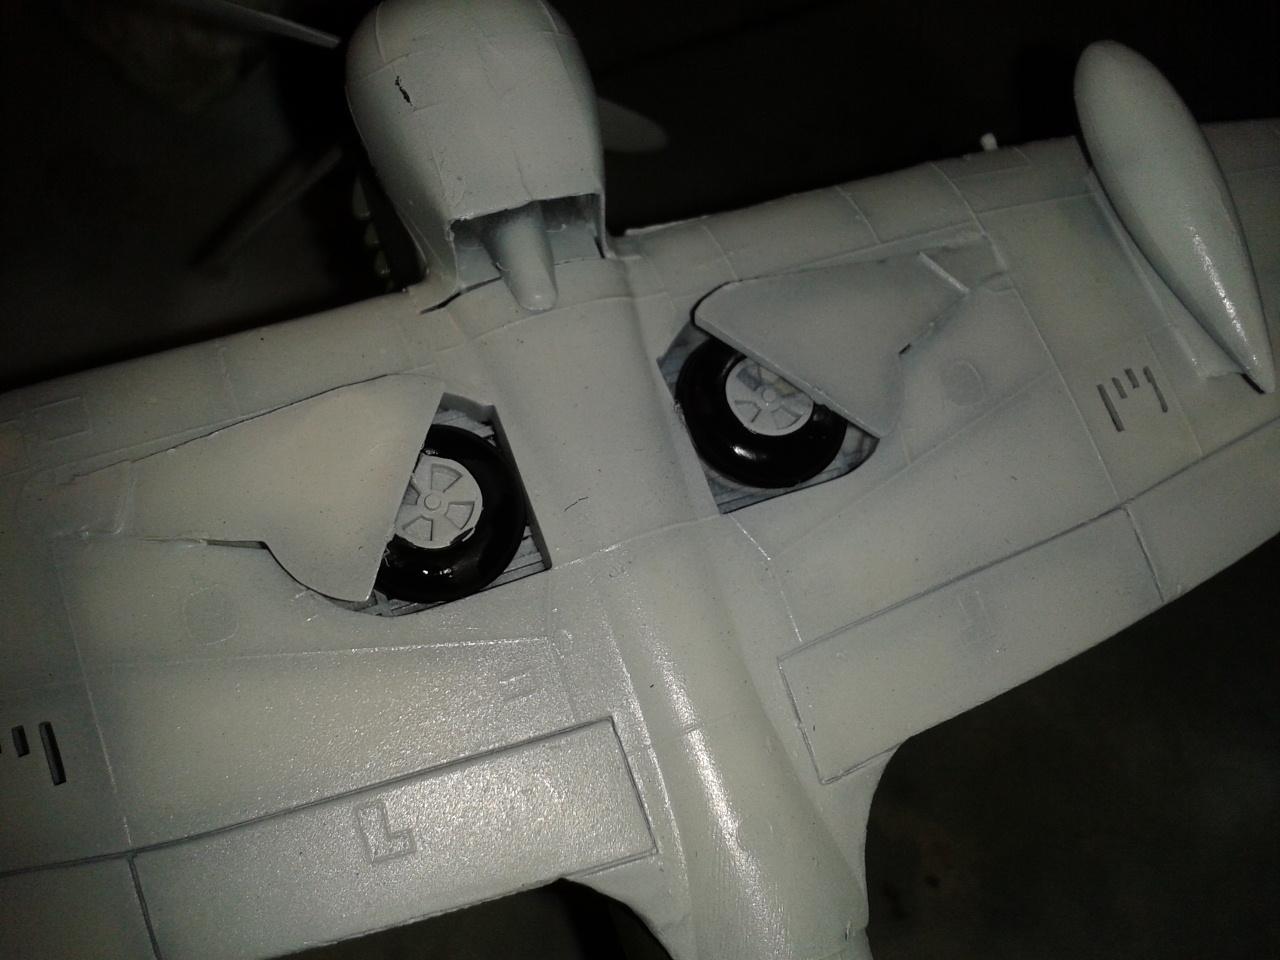 Hawker Tempest MkV pintura de ruedas